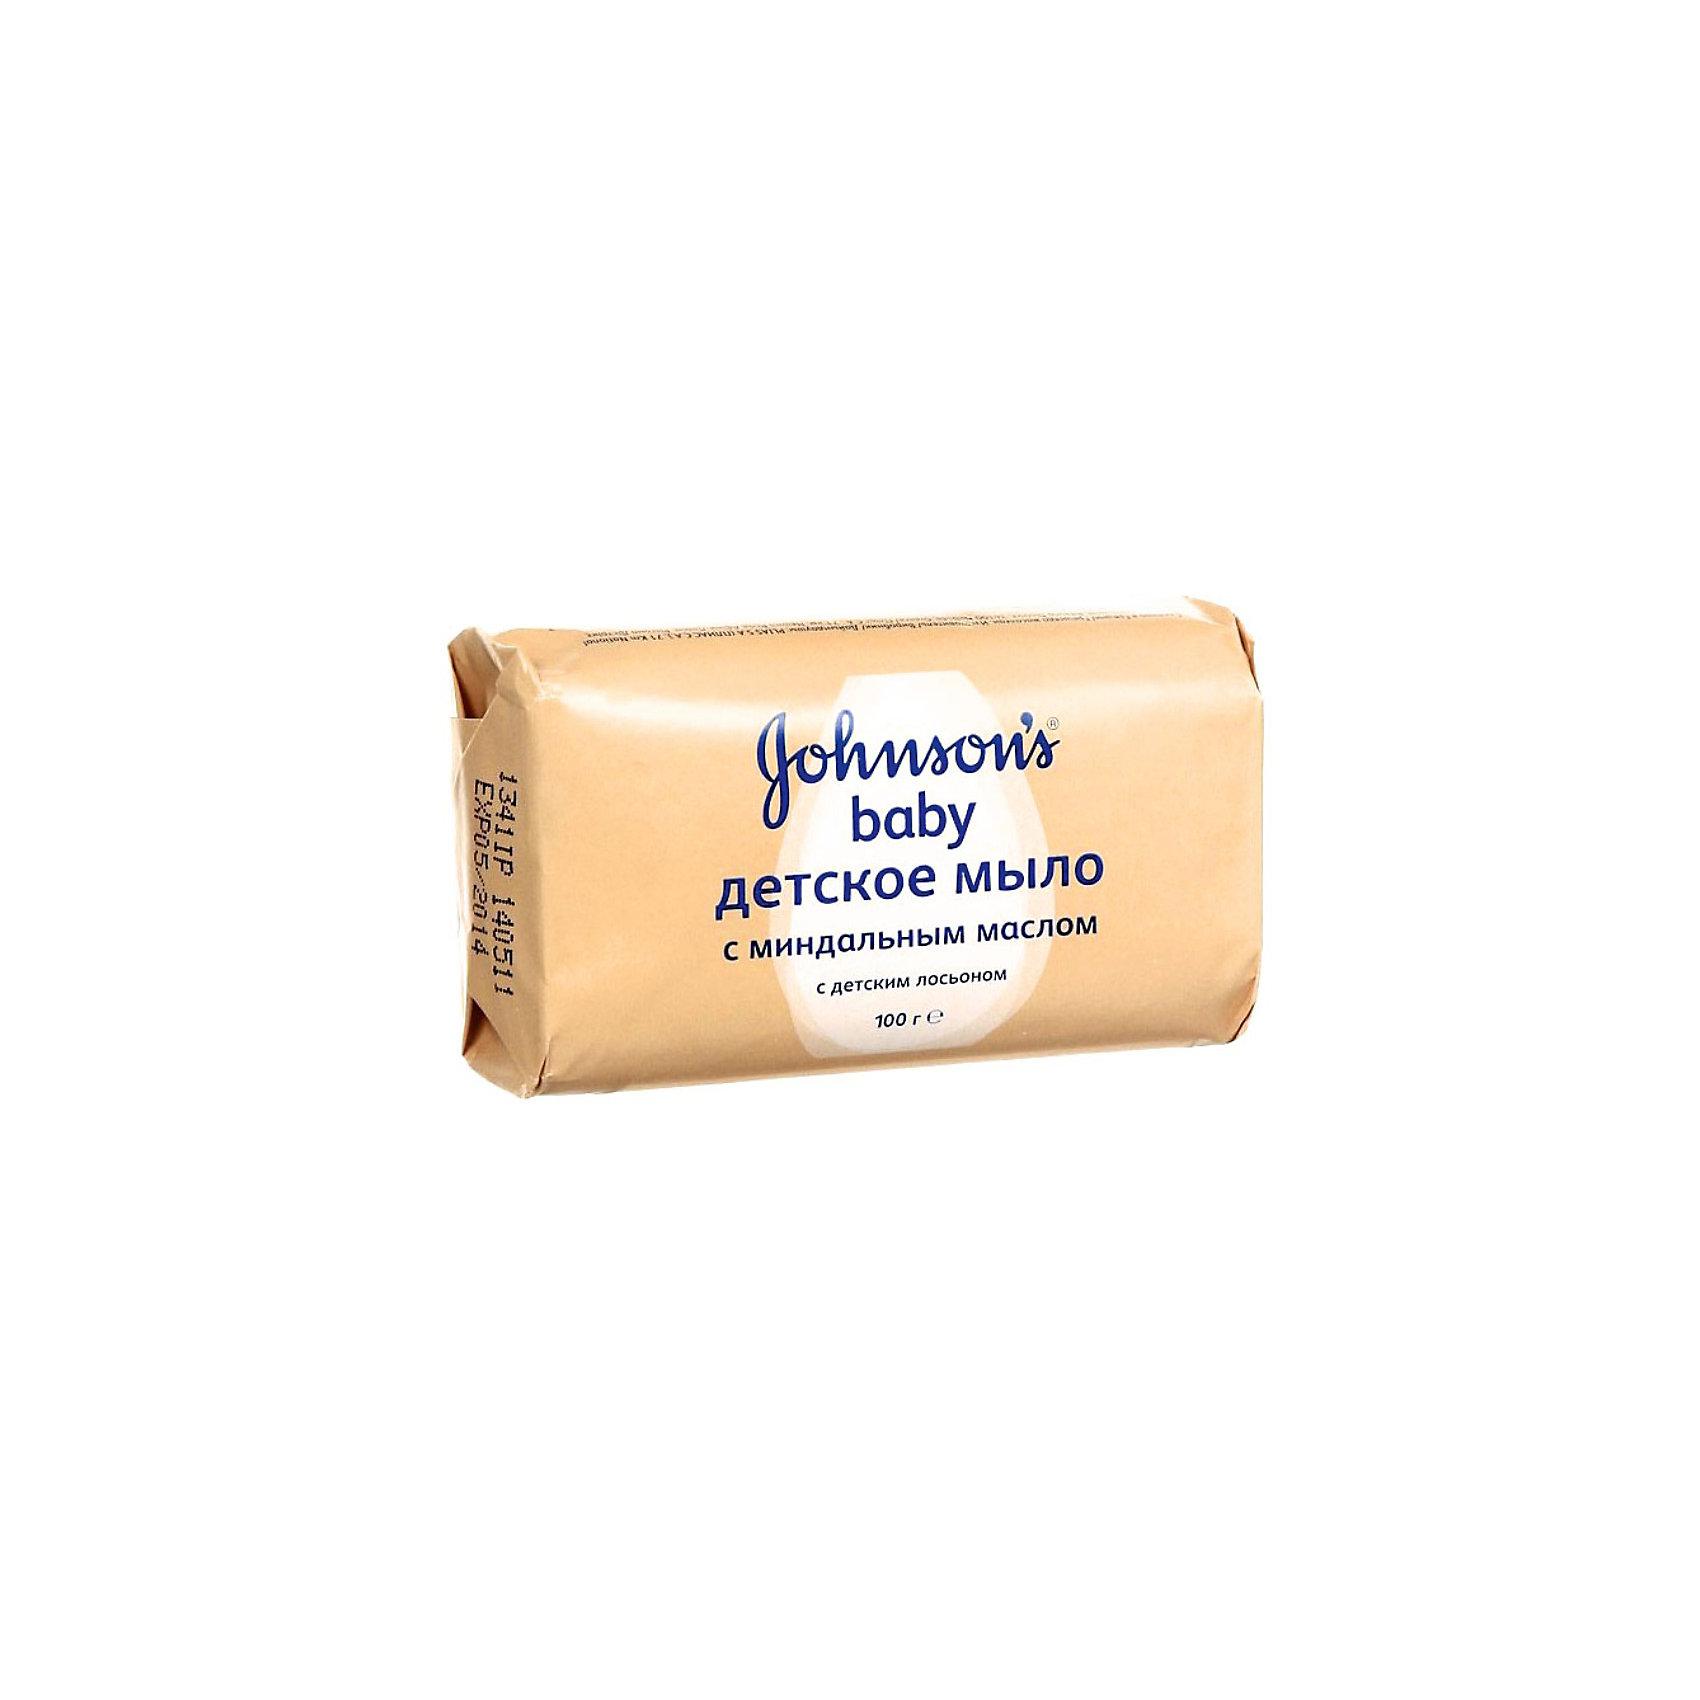 Мыло с экстрактом миндального масла, Johnsons baby, 100 г